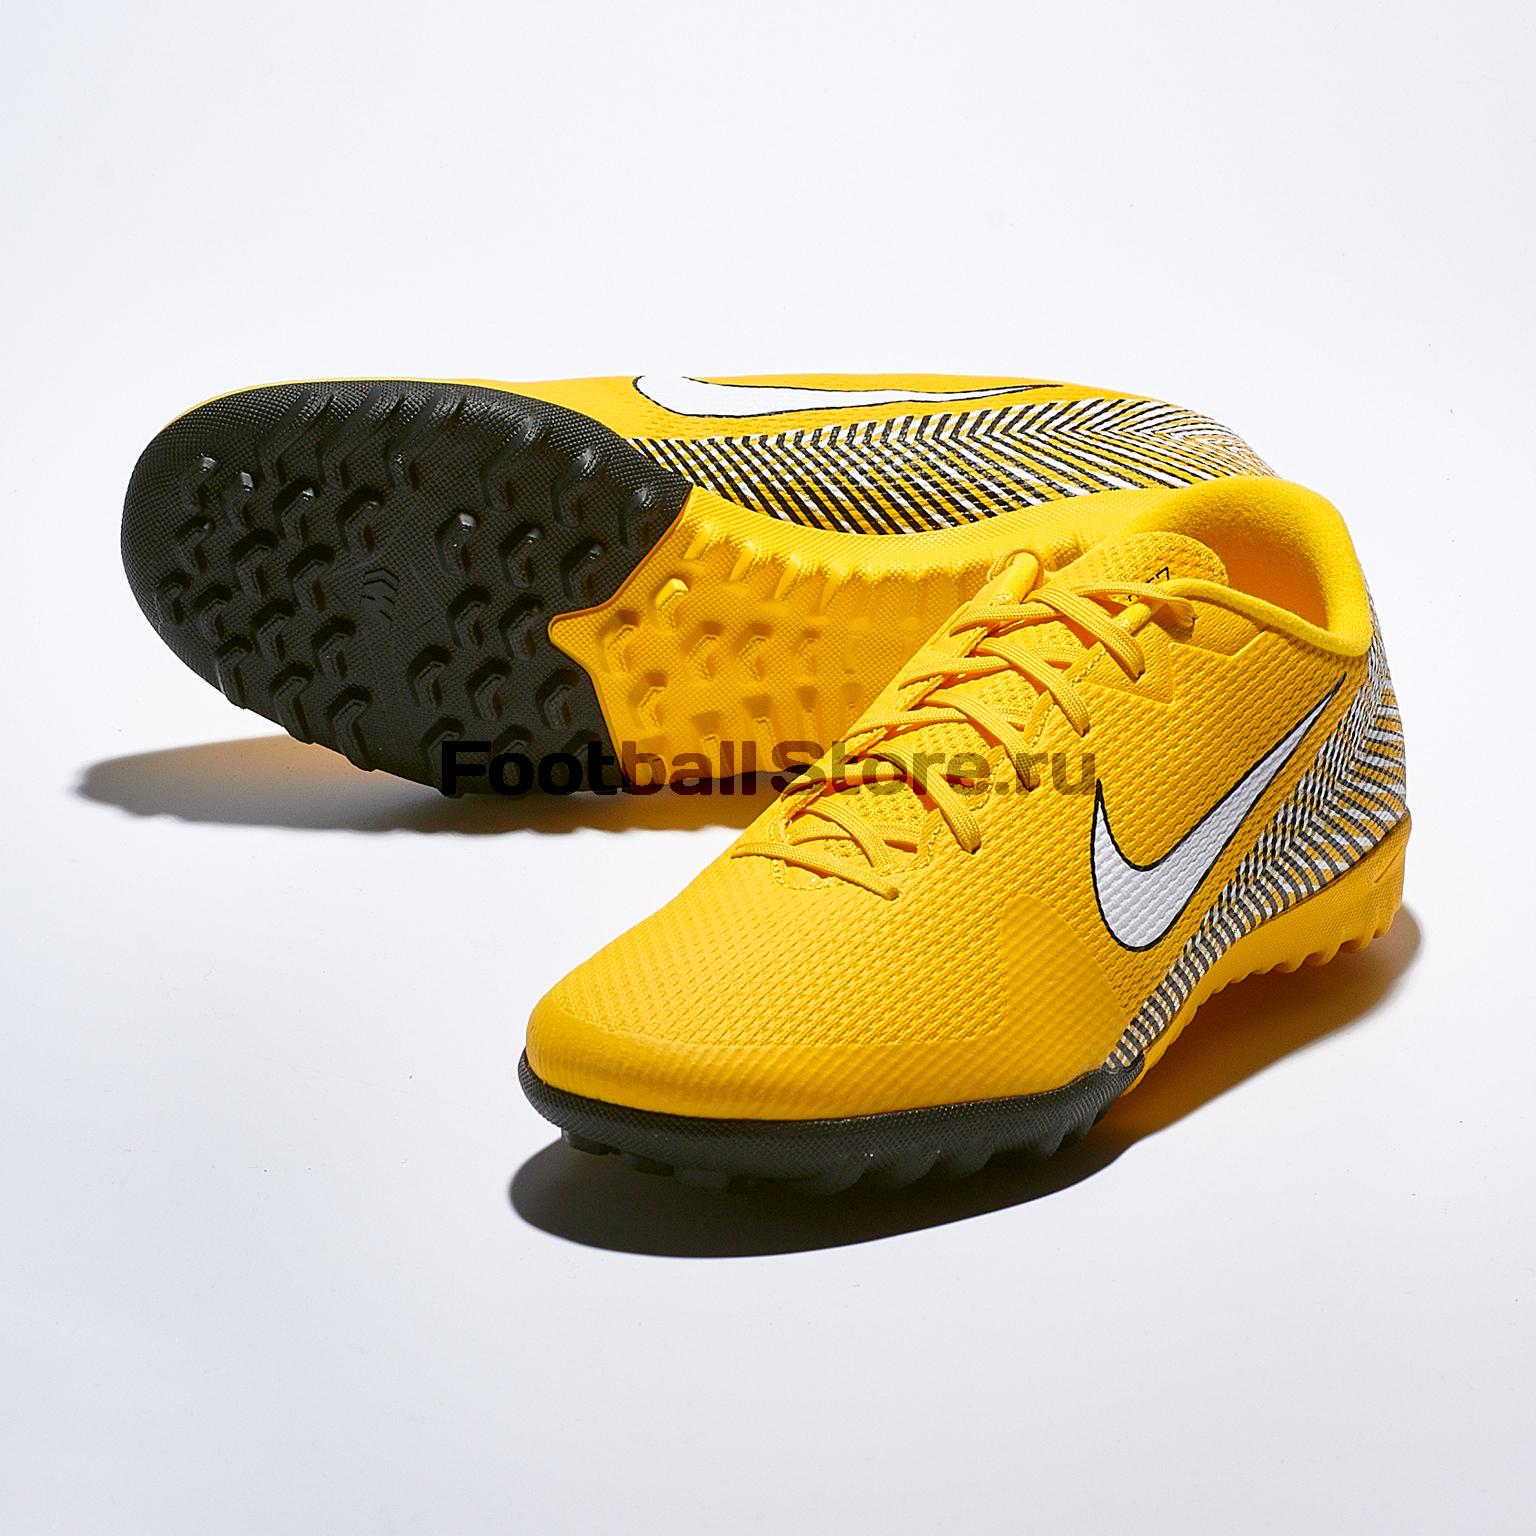 Шиповки Nike Vapor 12 Academy Neymar TF AO3121-710 клюшка для гольфа nike vapor pro 2015